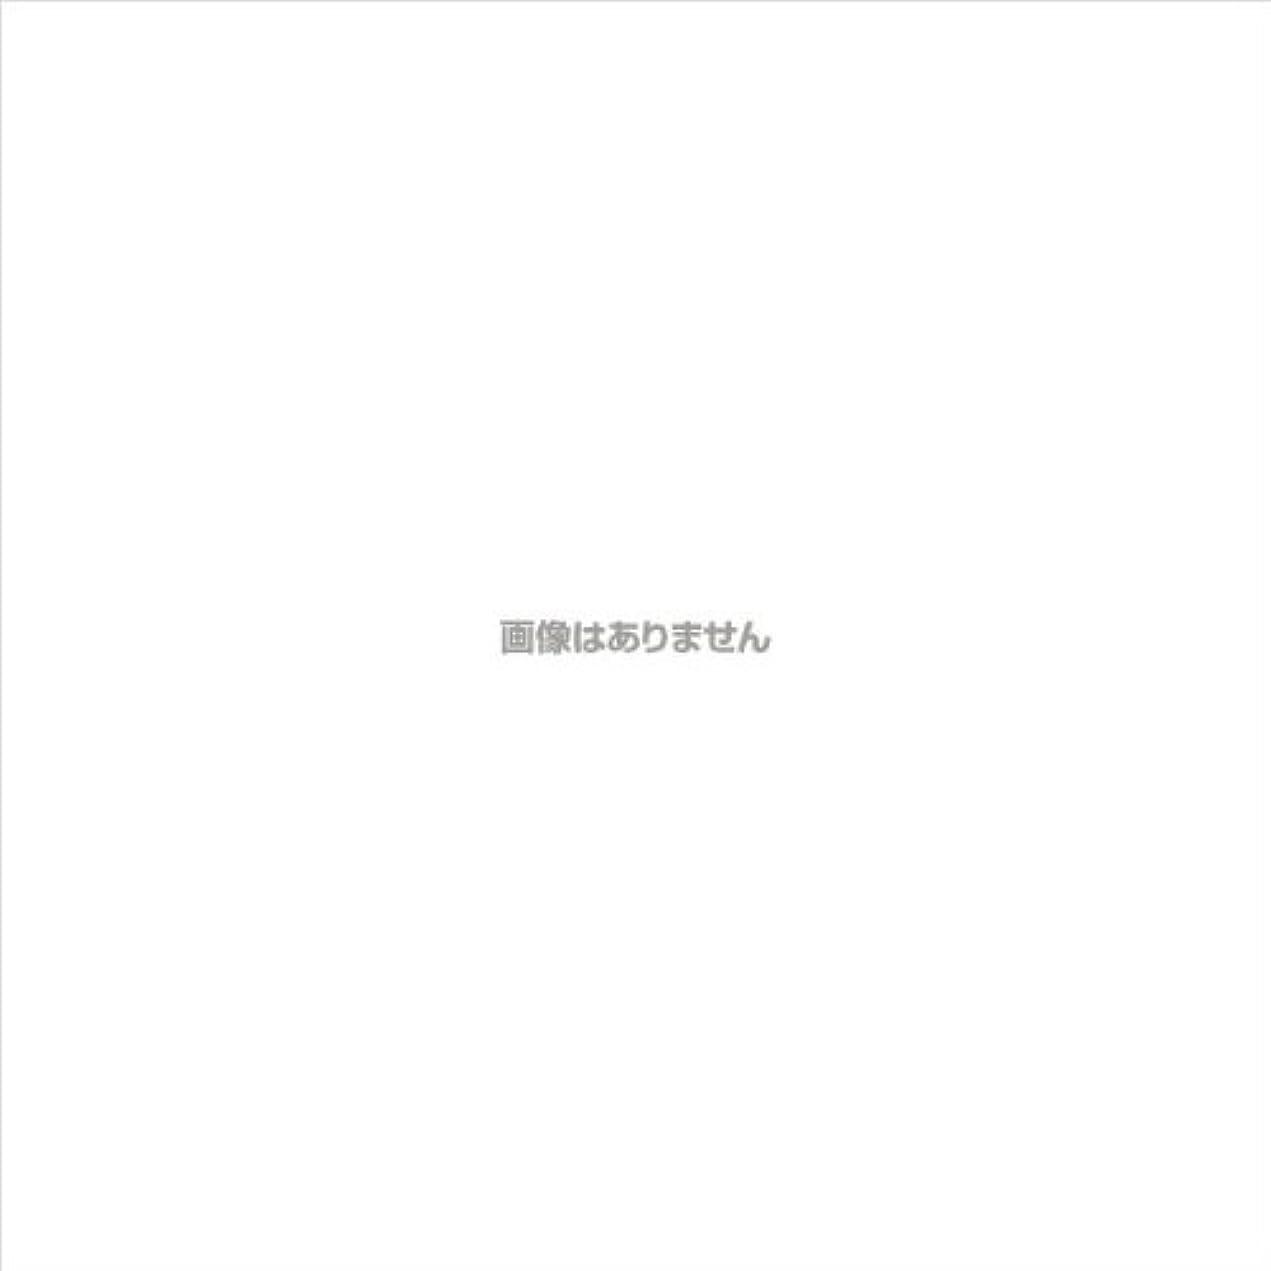 おしゃれじゃないただ沈黙PVCグローブα 粉つき クリア / FR-5113 200枚 L ケース(10小箱入)